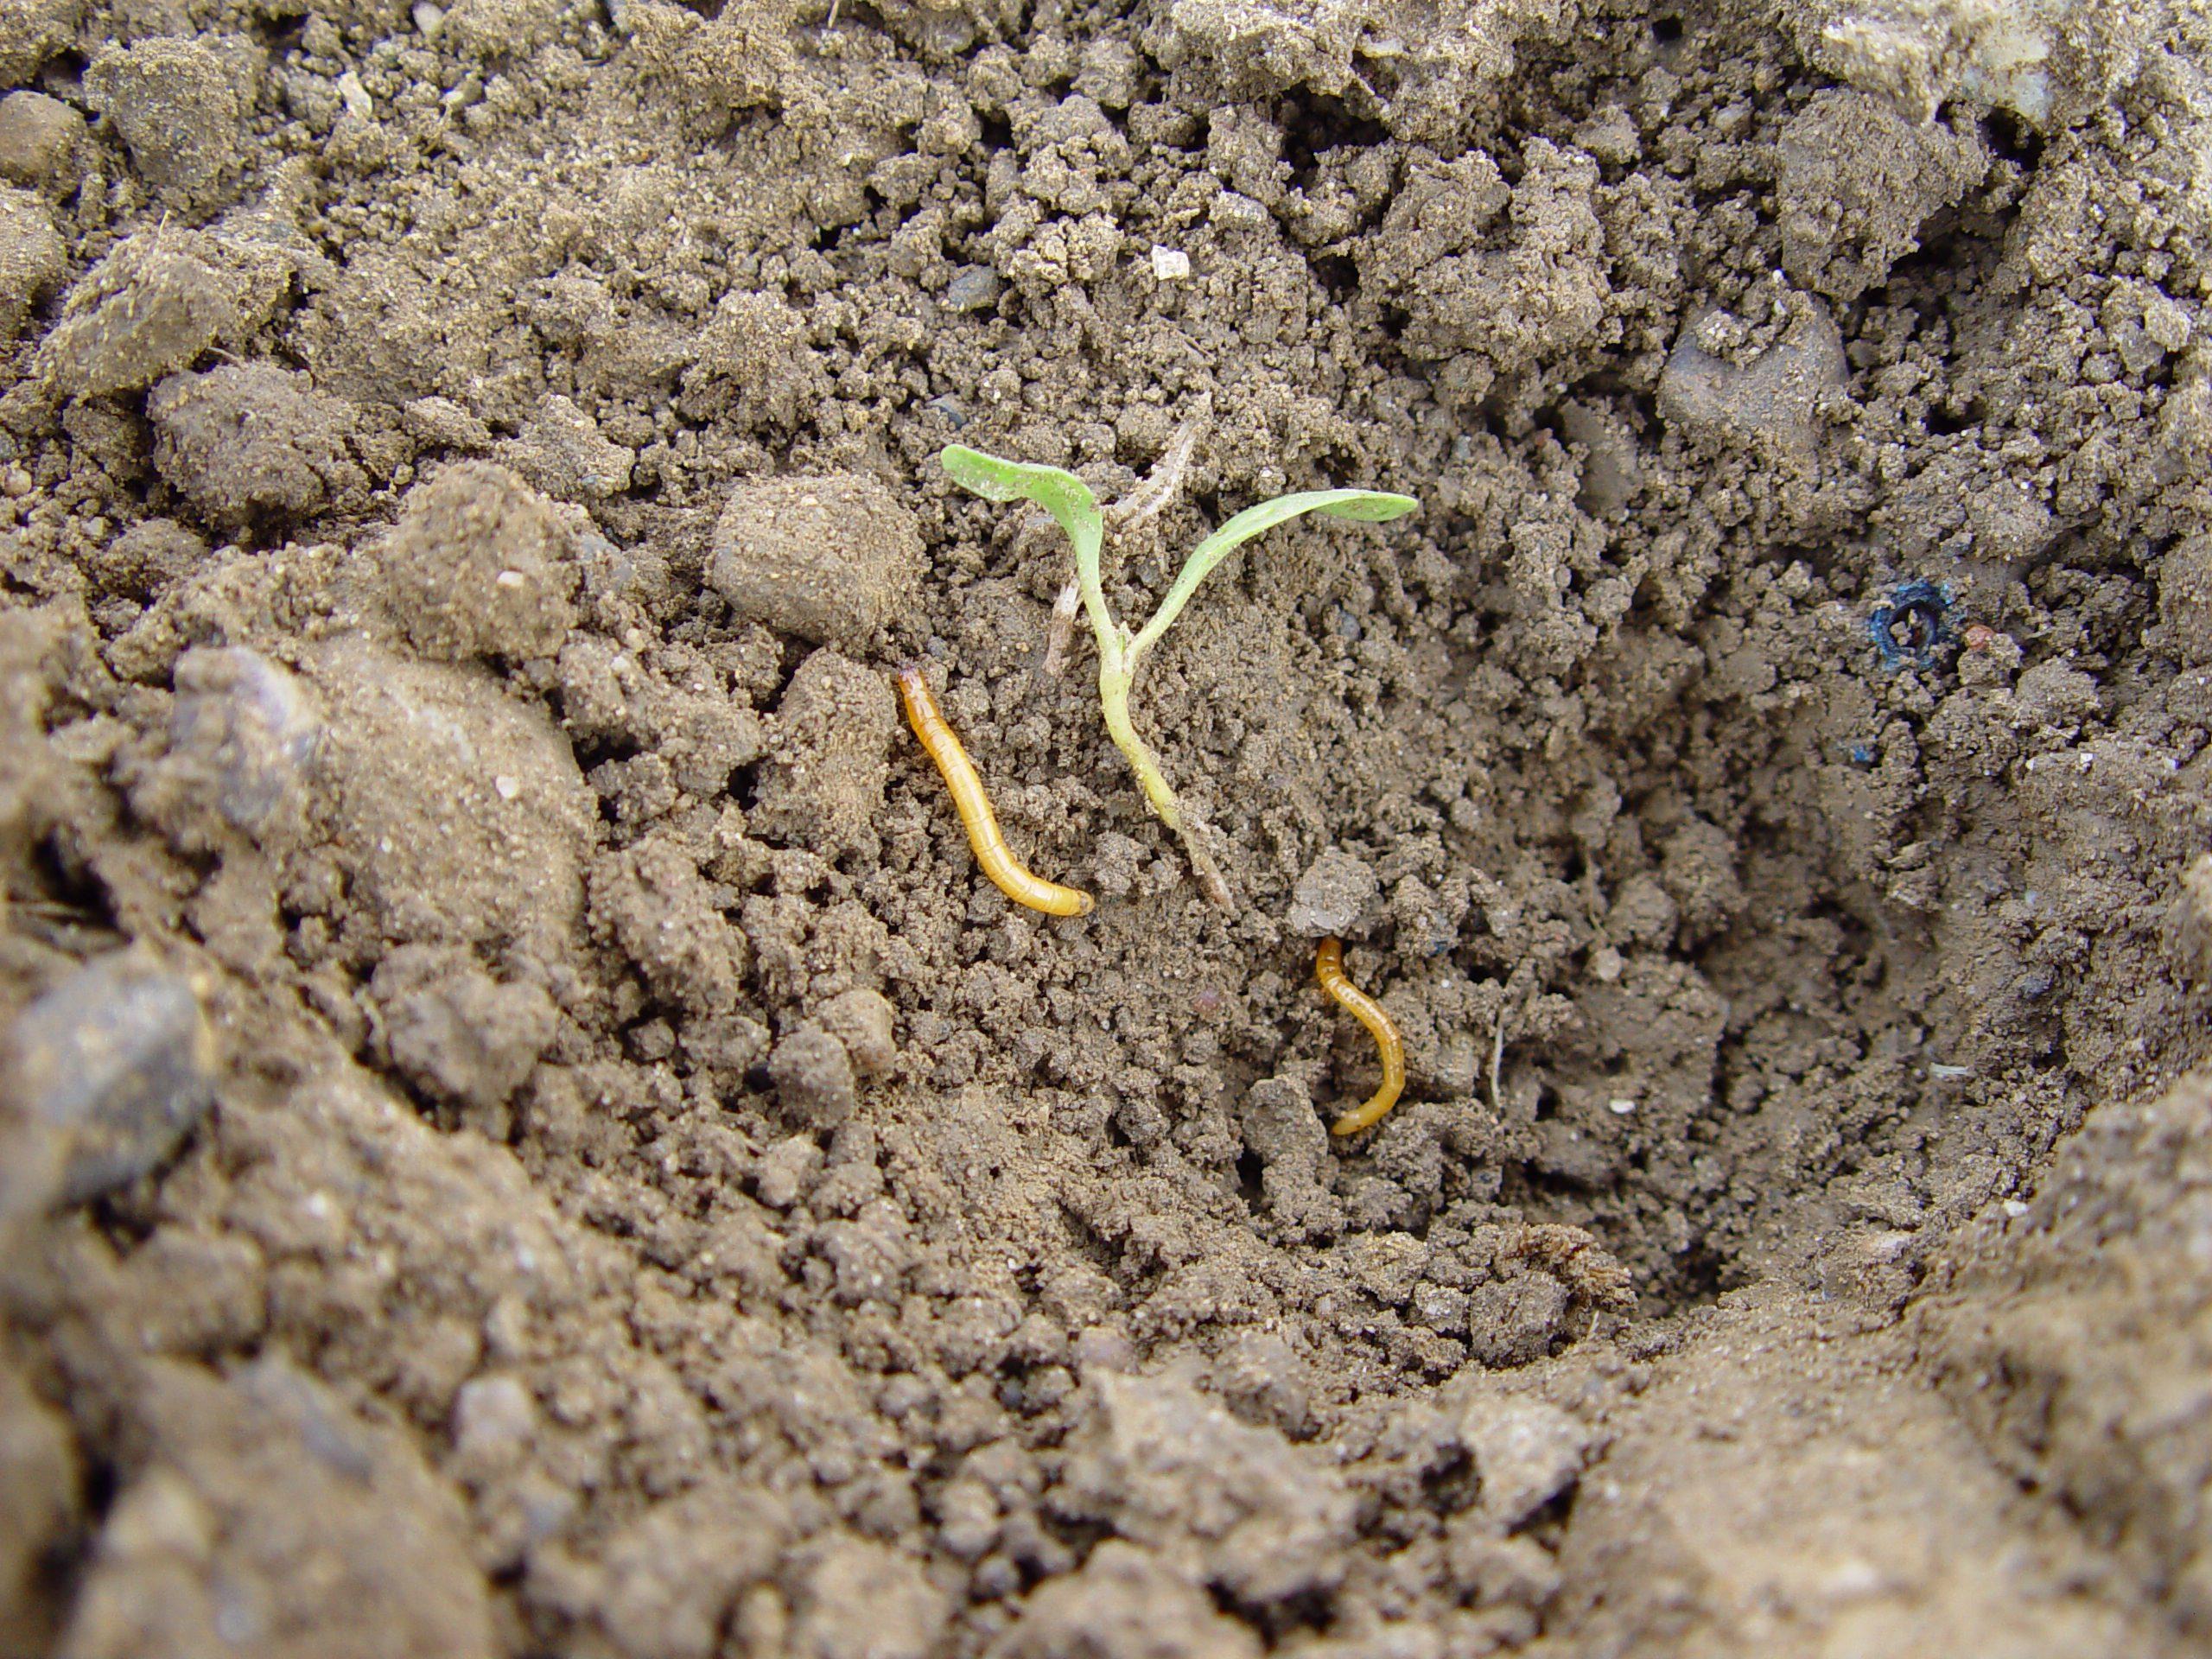 Drahtwürmer nach Wiesenumbruch in Rüben